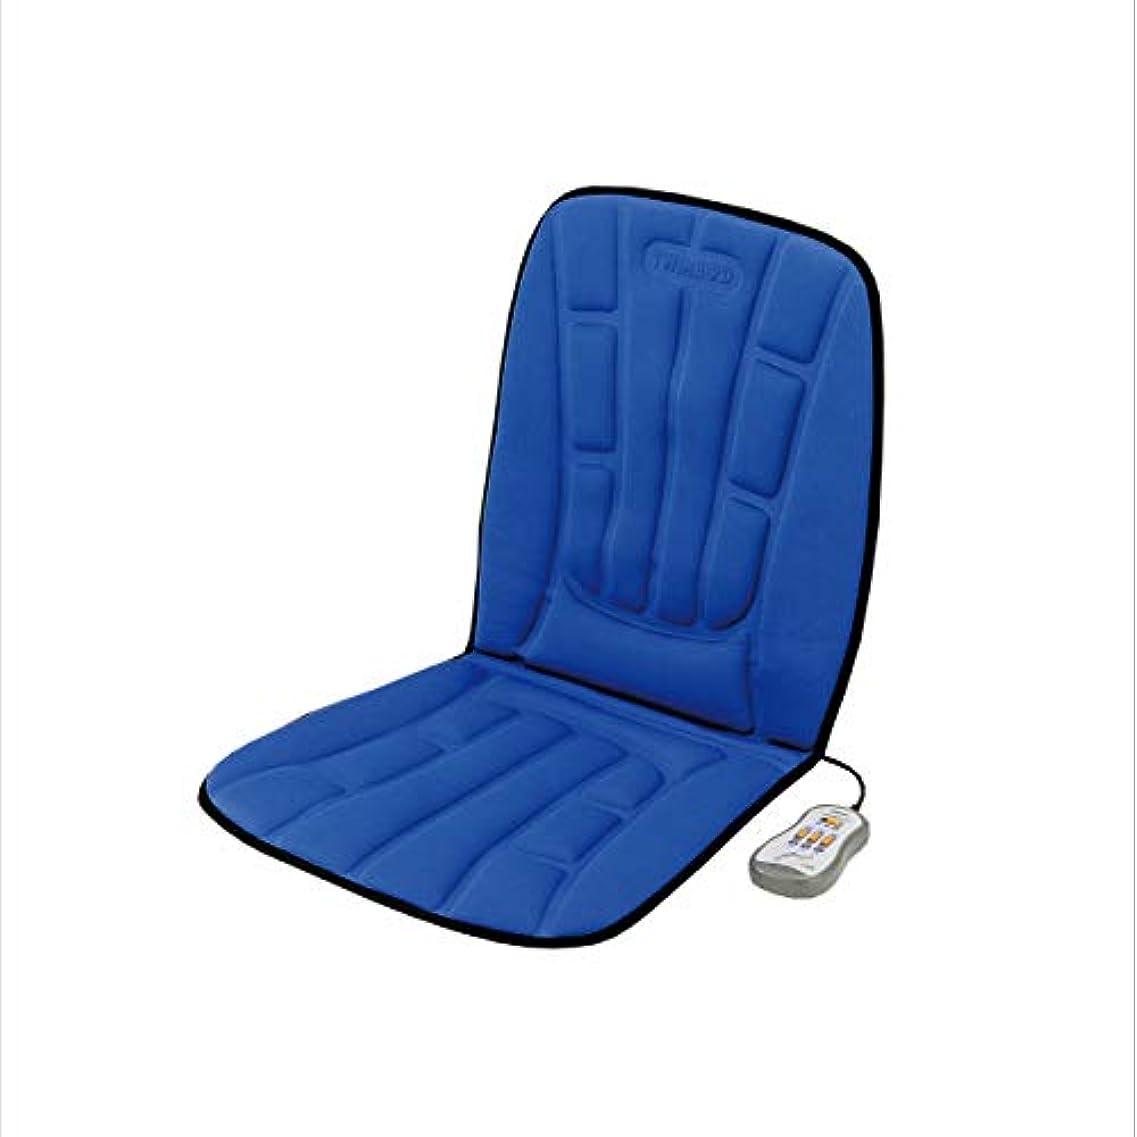 トリプルポット雑多なツインバード シートマッサージャー ブルー EM-2537BL